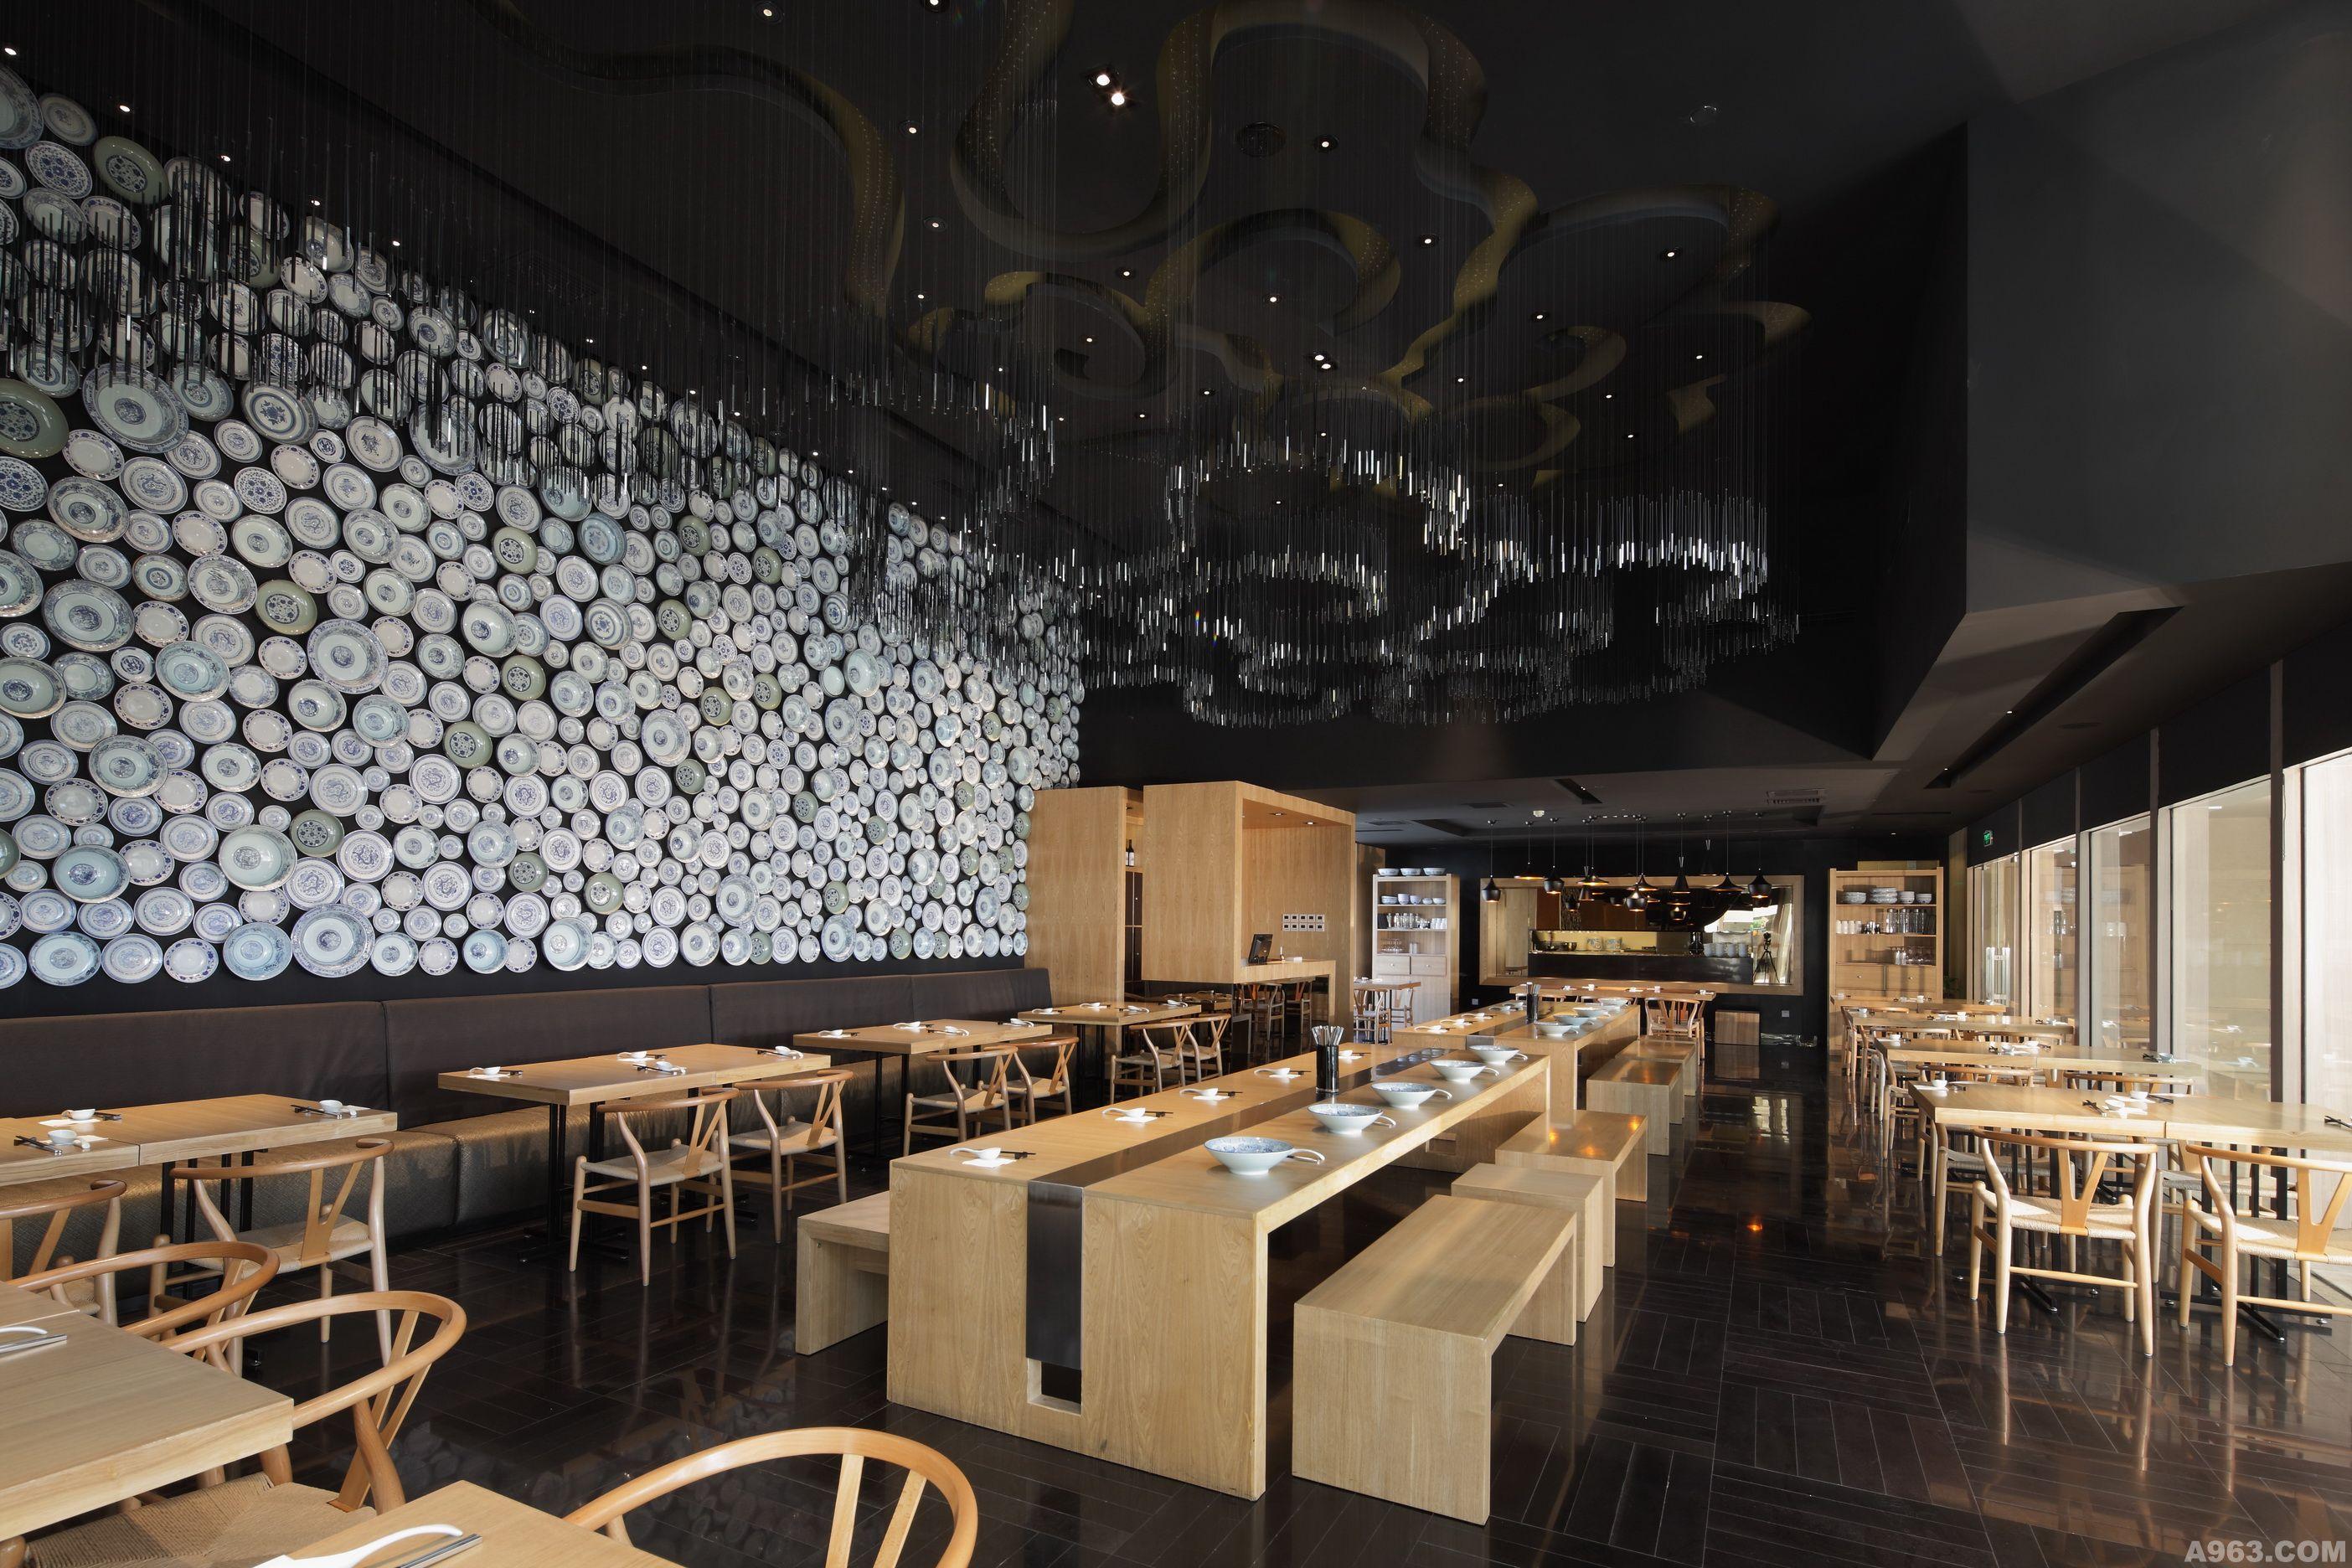 台湾牛肉面馆 - 餐饮空间 - 第2页 - 利旭恒设计作品